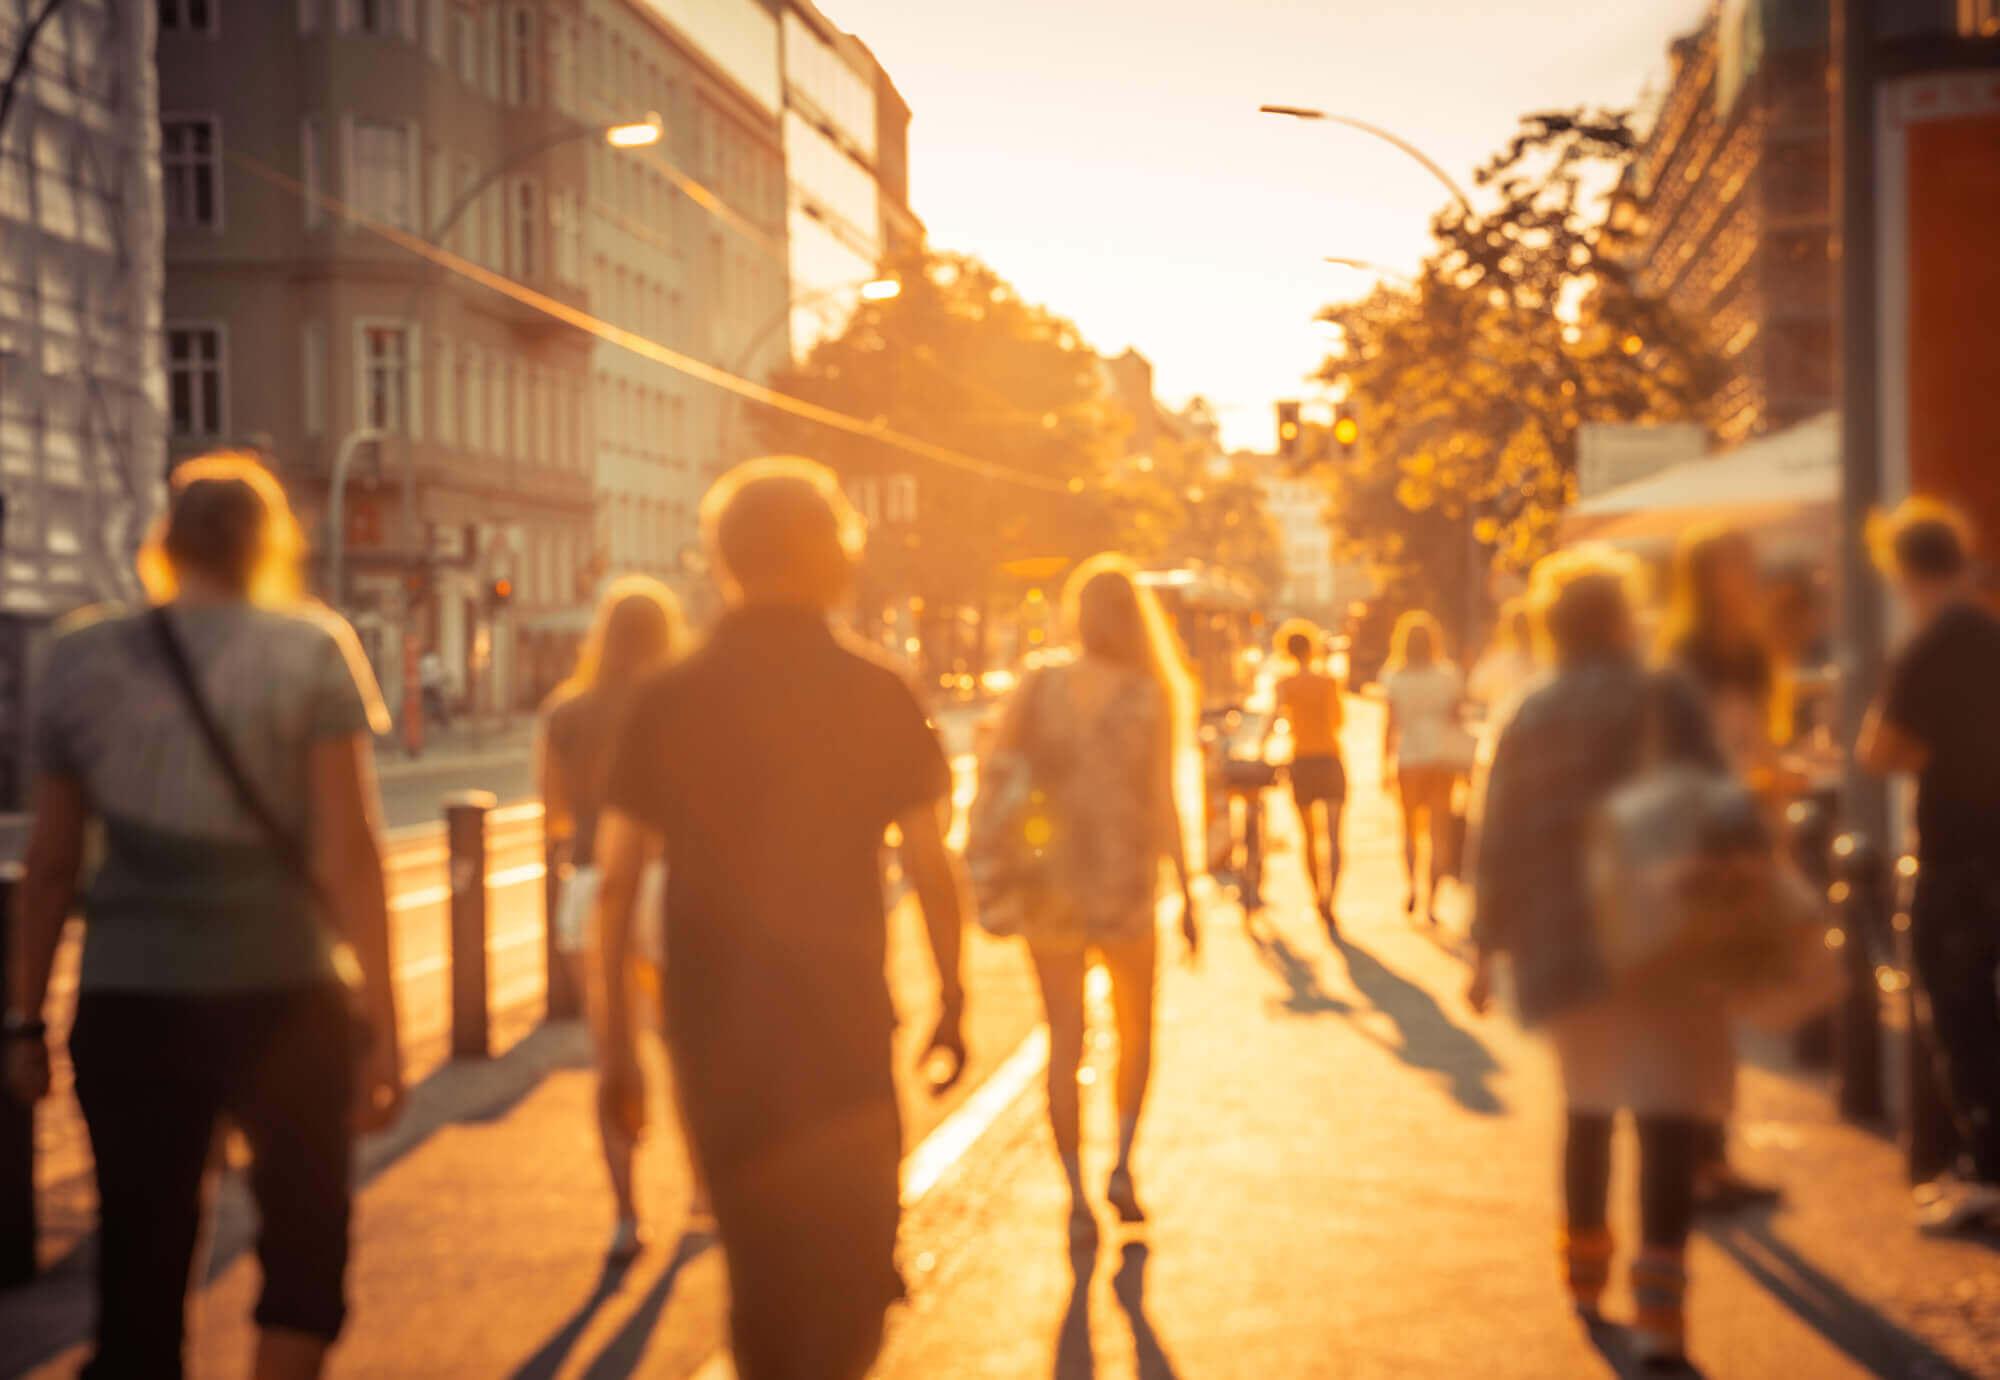 Immer mehr Hitzetage: Stadtbewohner_innen leiden unter den hohen Temperaturen von urbanen Hitzeinseln besonders.